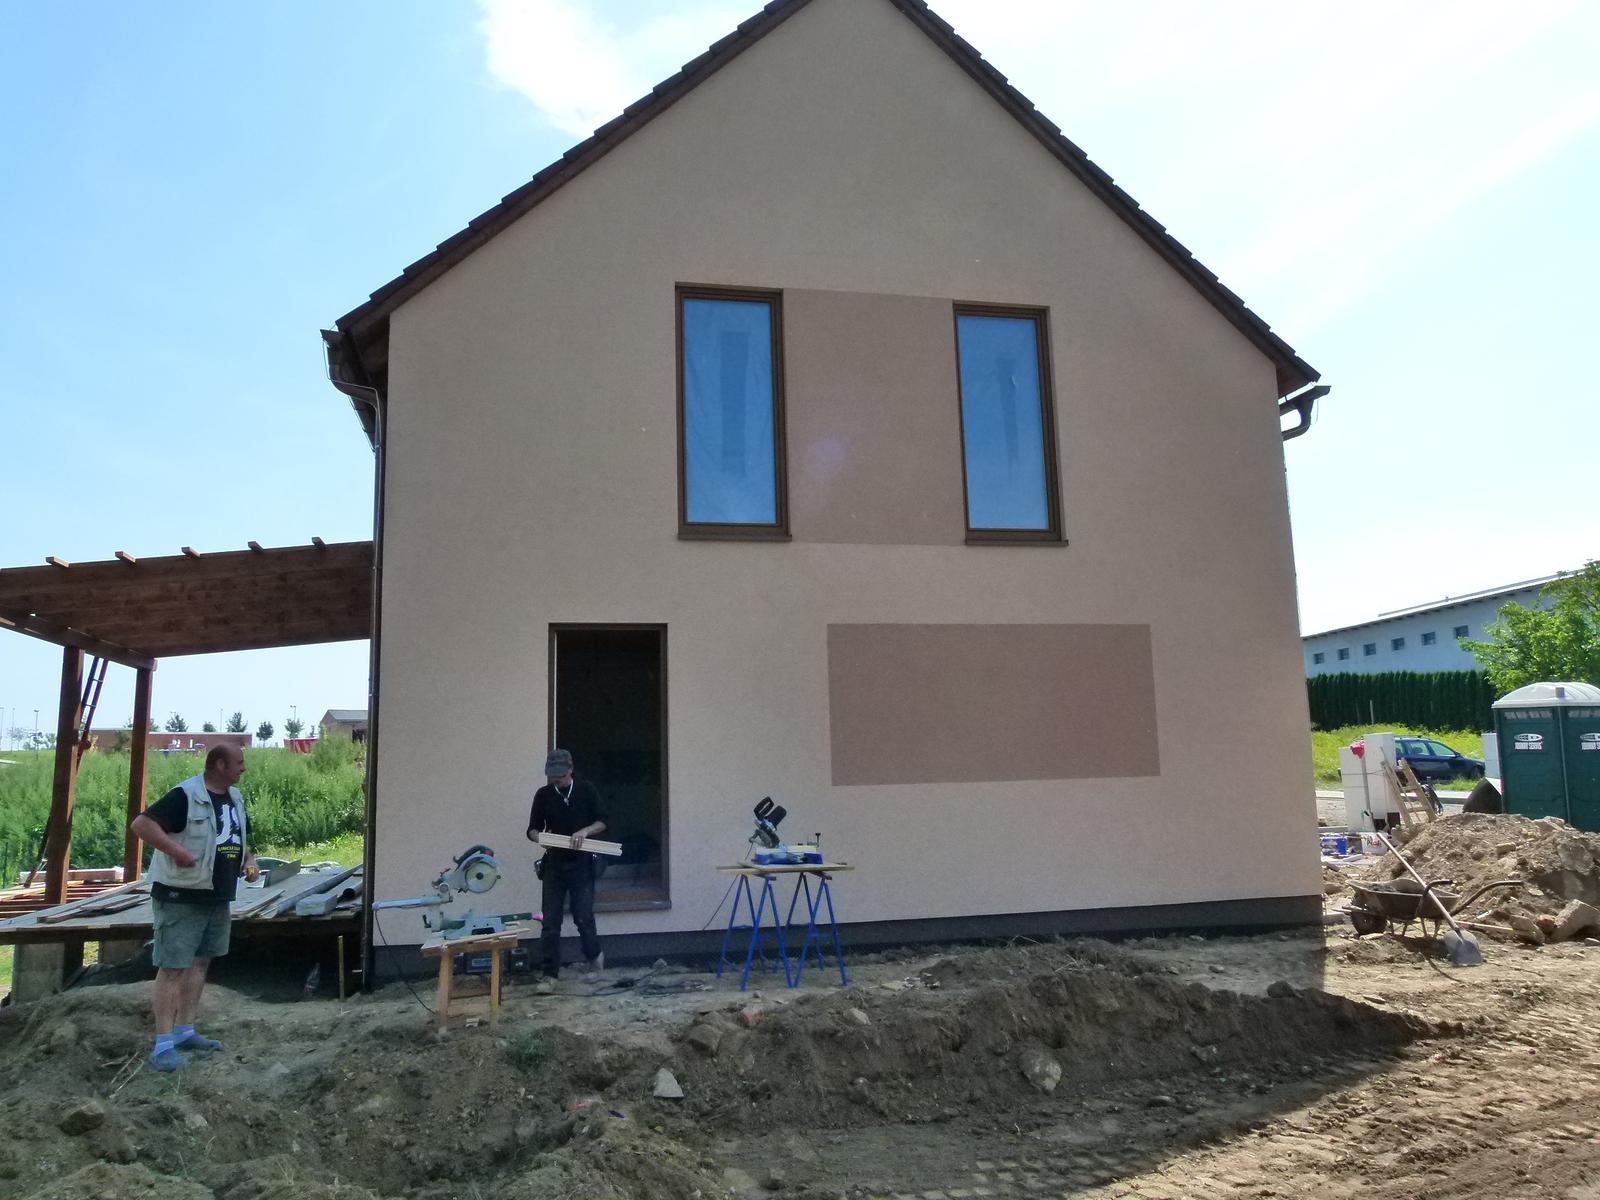 Předali jsme dřevostavbu v Tršicích 🤝 - Naši dělníci mají plné ruce práce s dokončováním stavby.